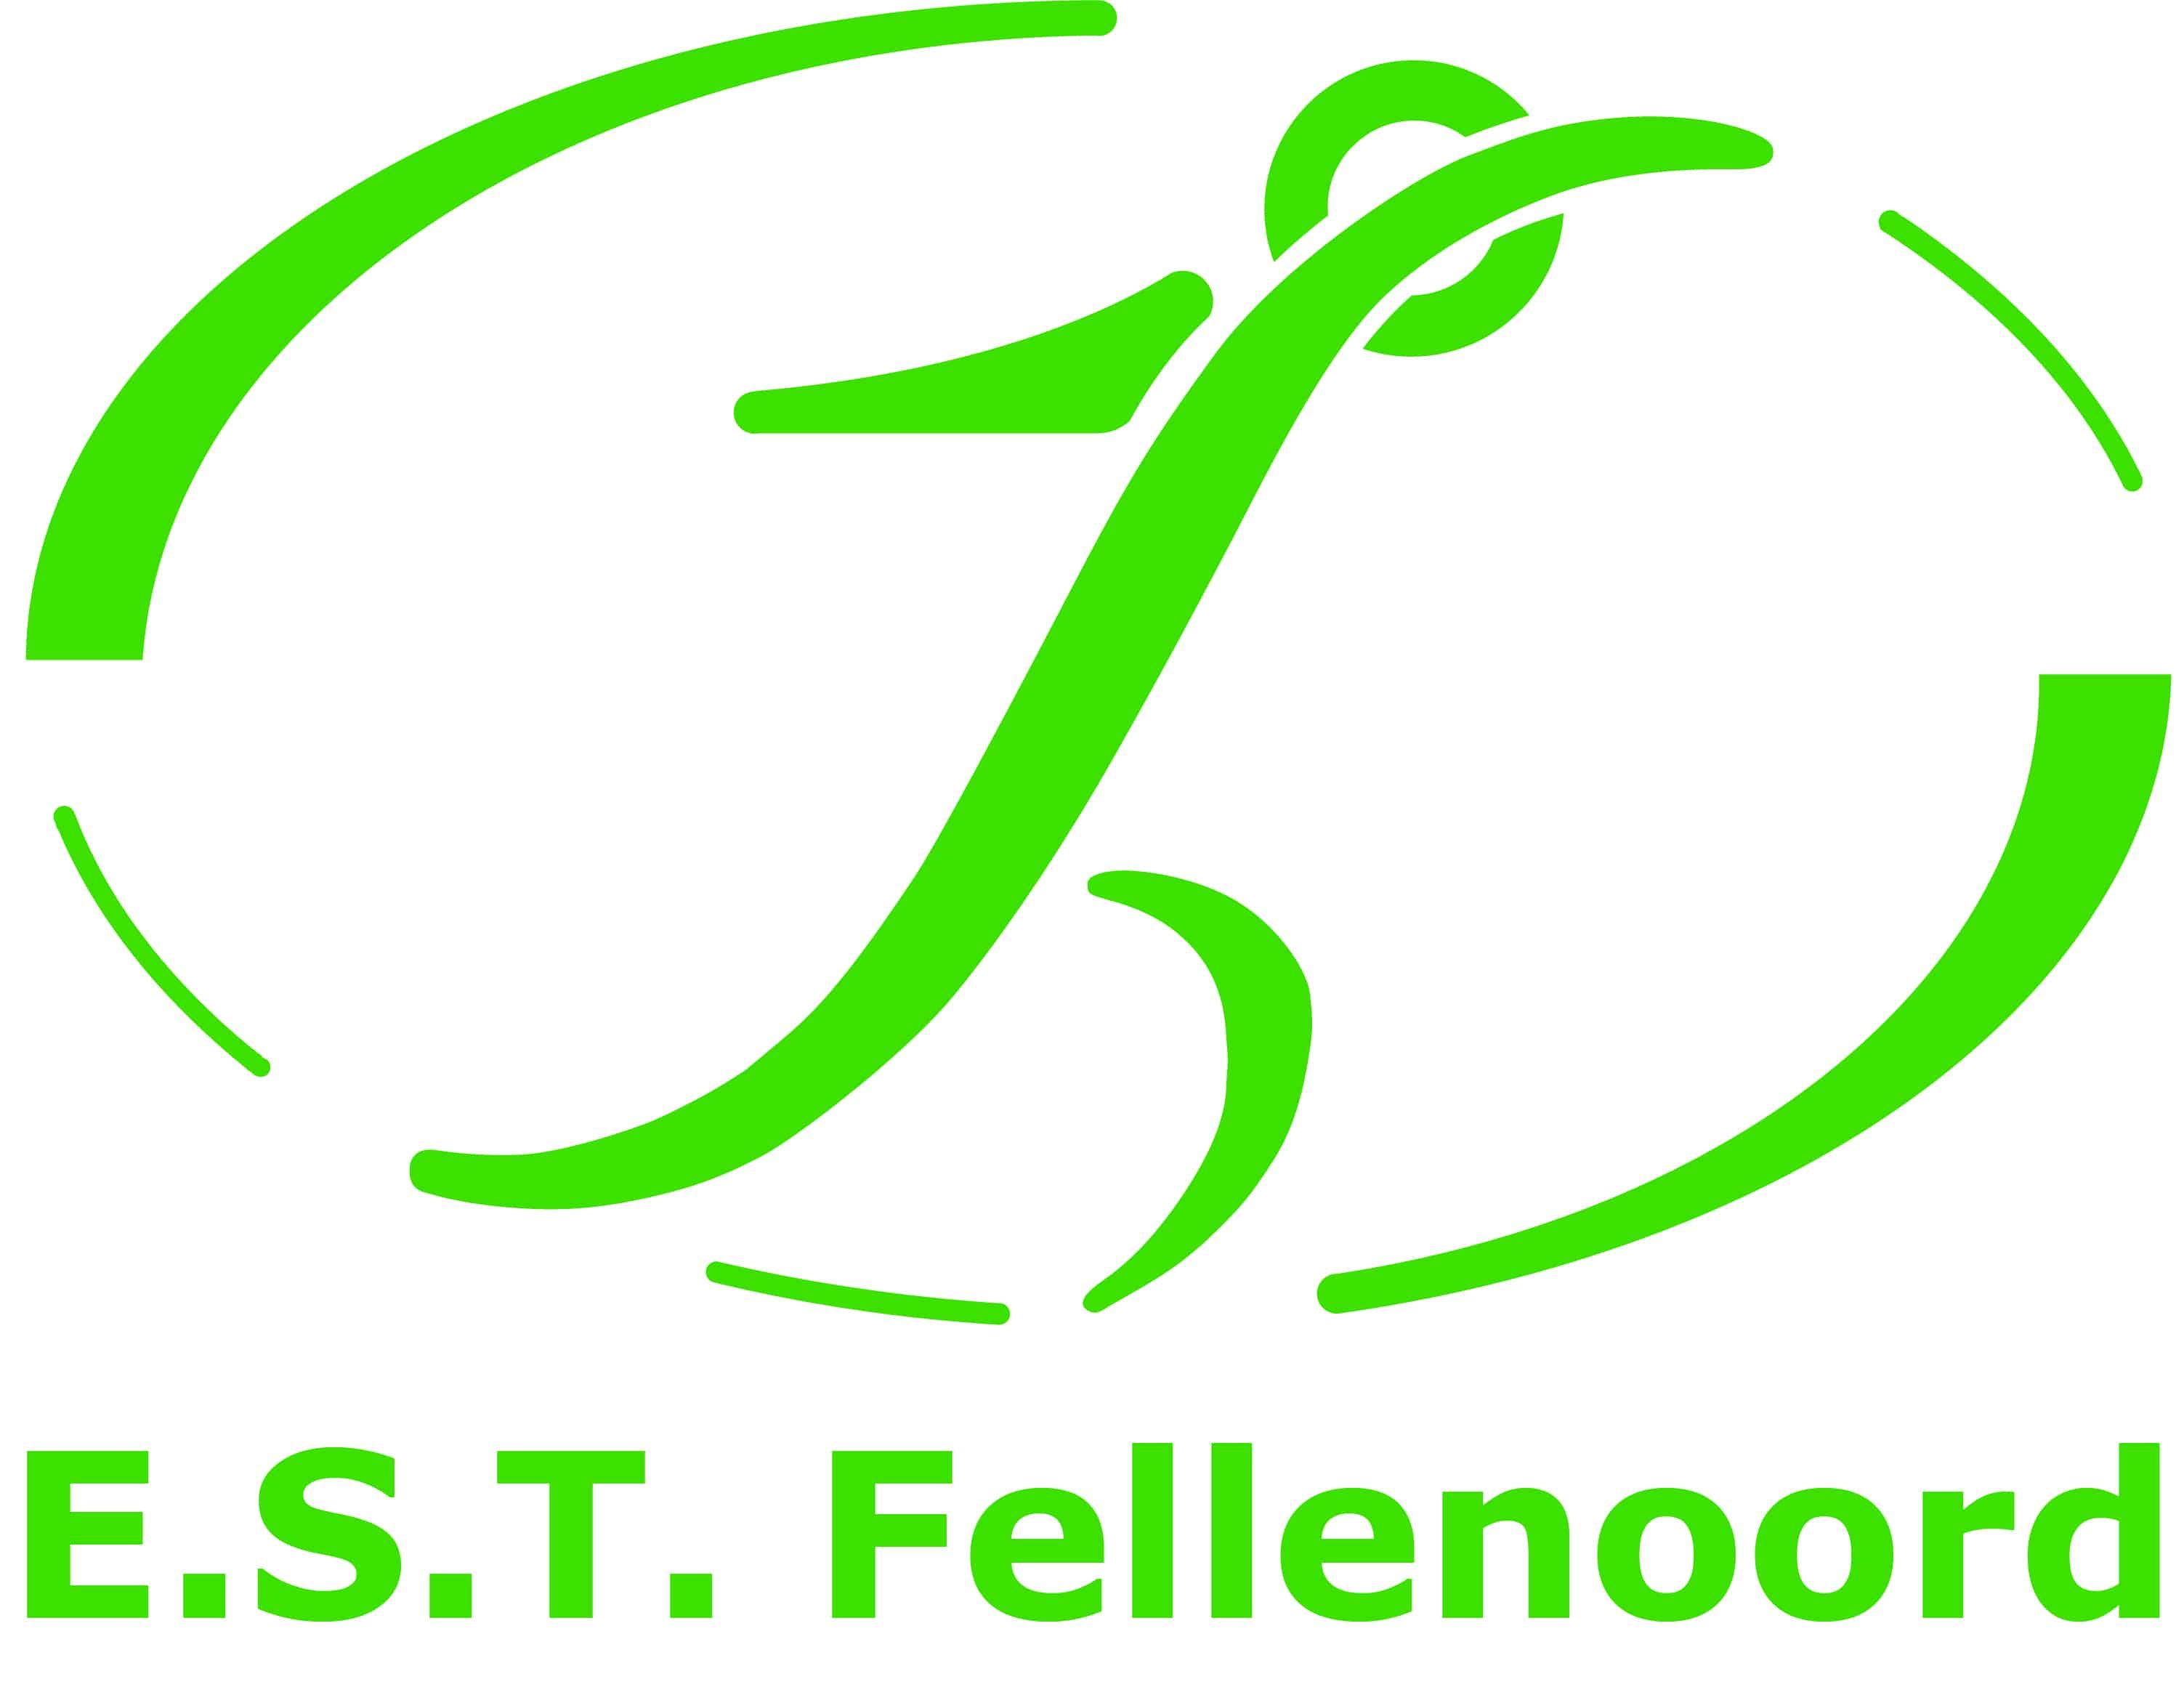 E.S.T. Fellenoord